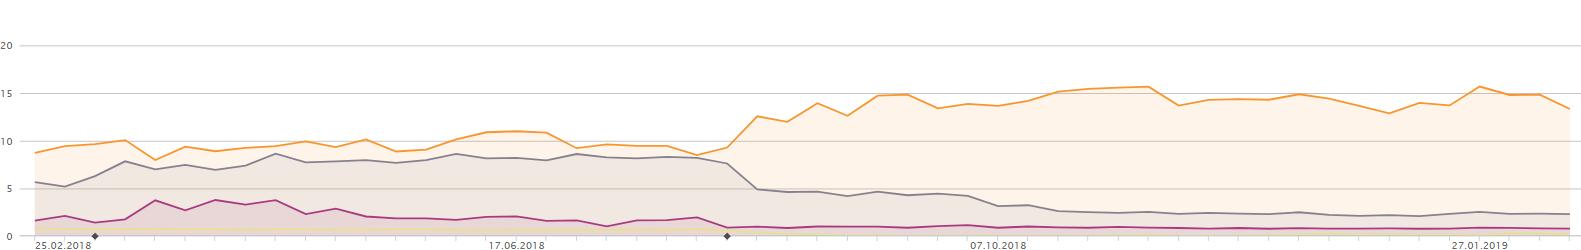 Vergleich der SEO Daten